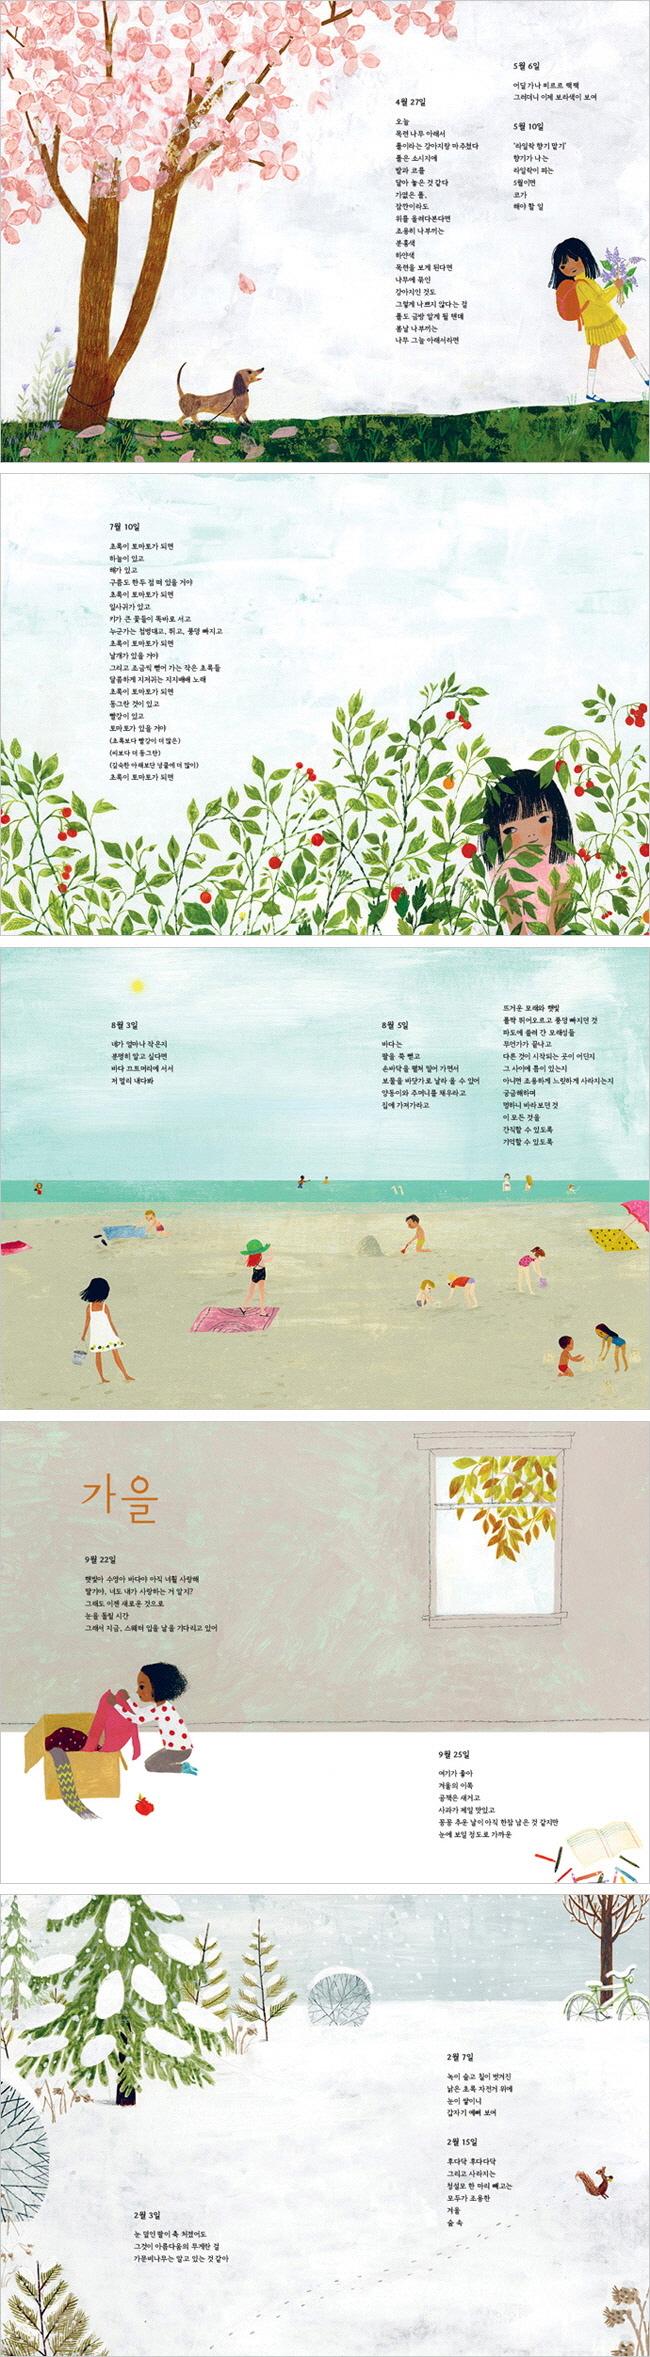 봄 여름 가을 겨울 계절아, 사랑해!(양장본 HardCover) 도서 상세이미지